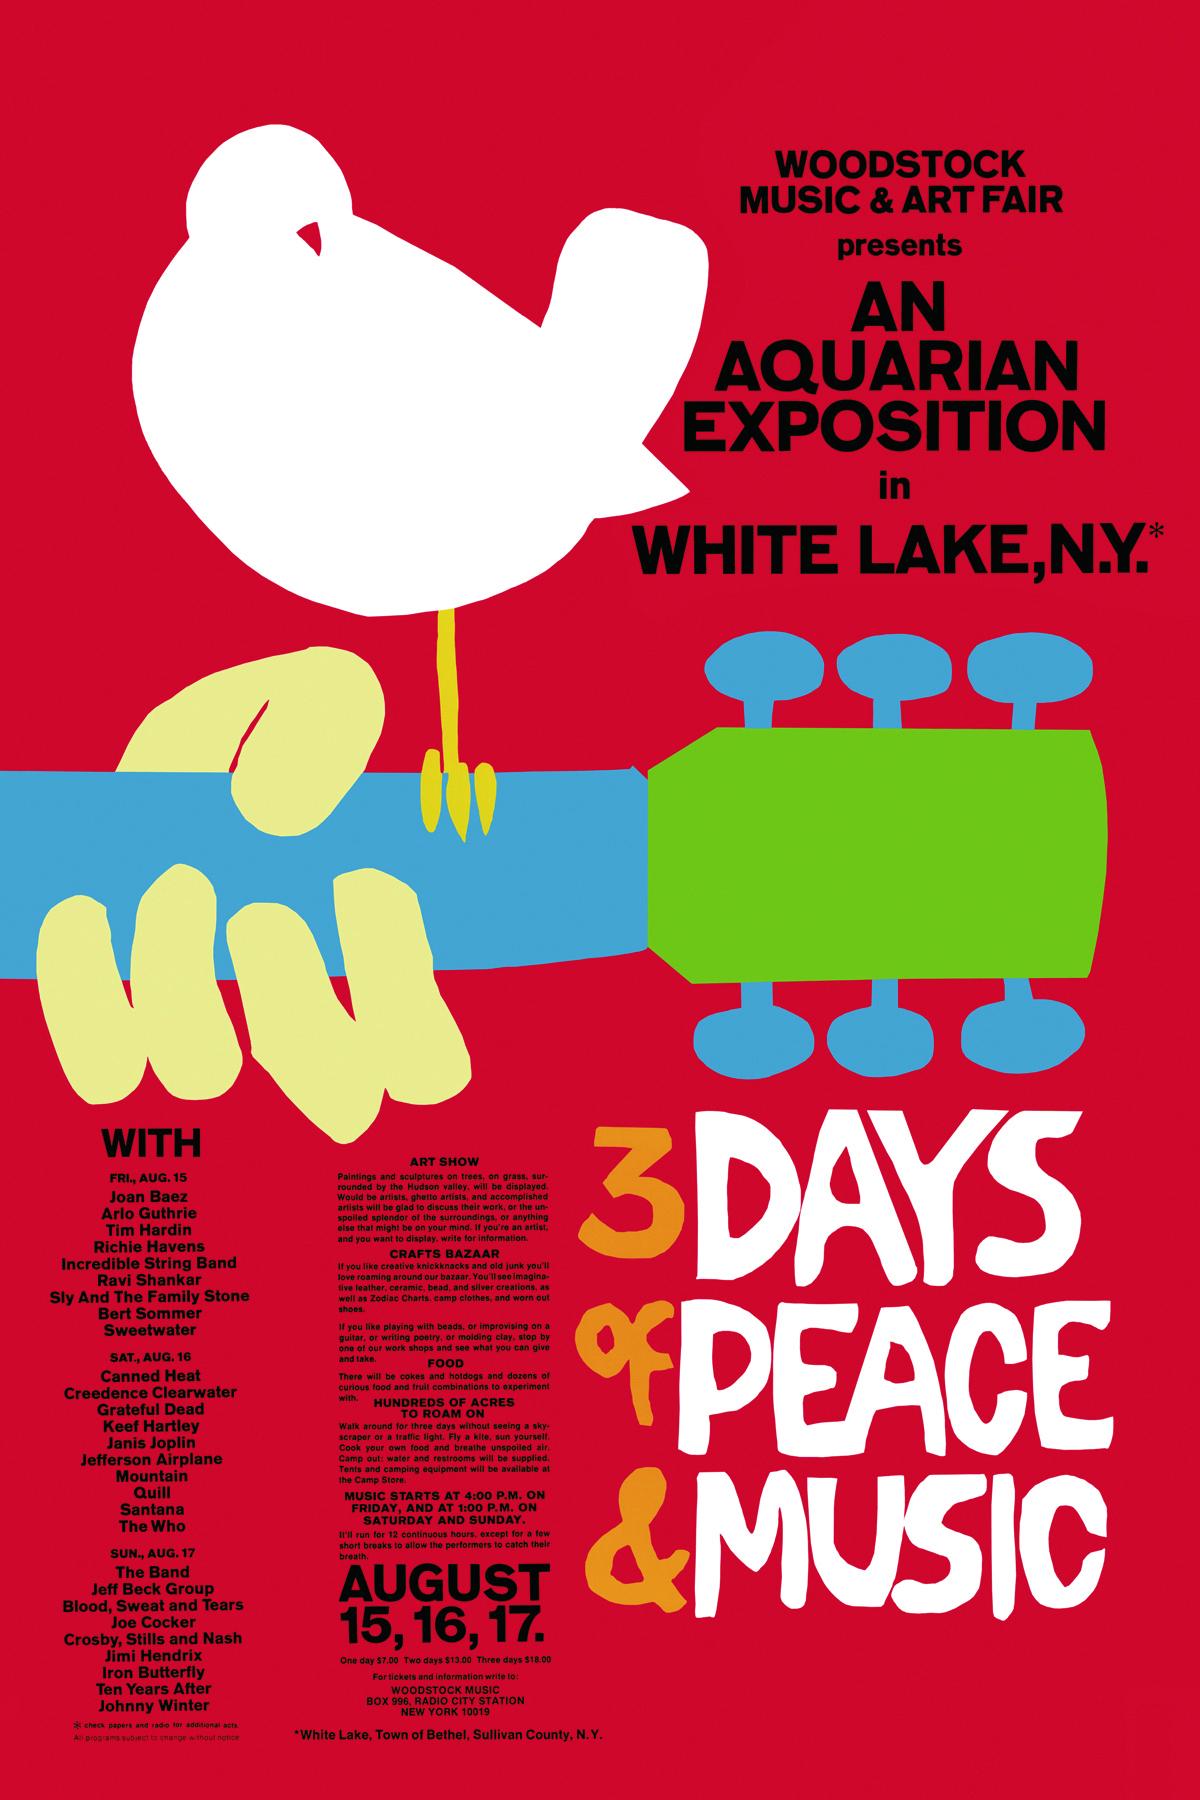 这就是在1969年8月举行的这个4天3夜的巨型摇滚音乐会,它的海报现在就张贴在旧天堂书店的咖啡区旁边。